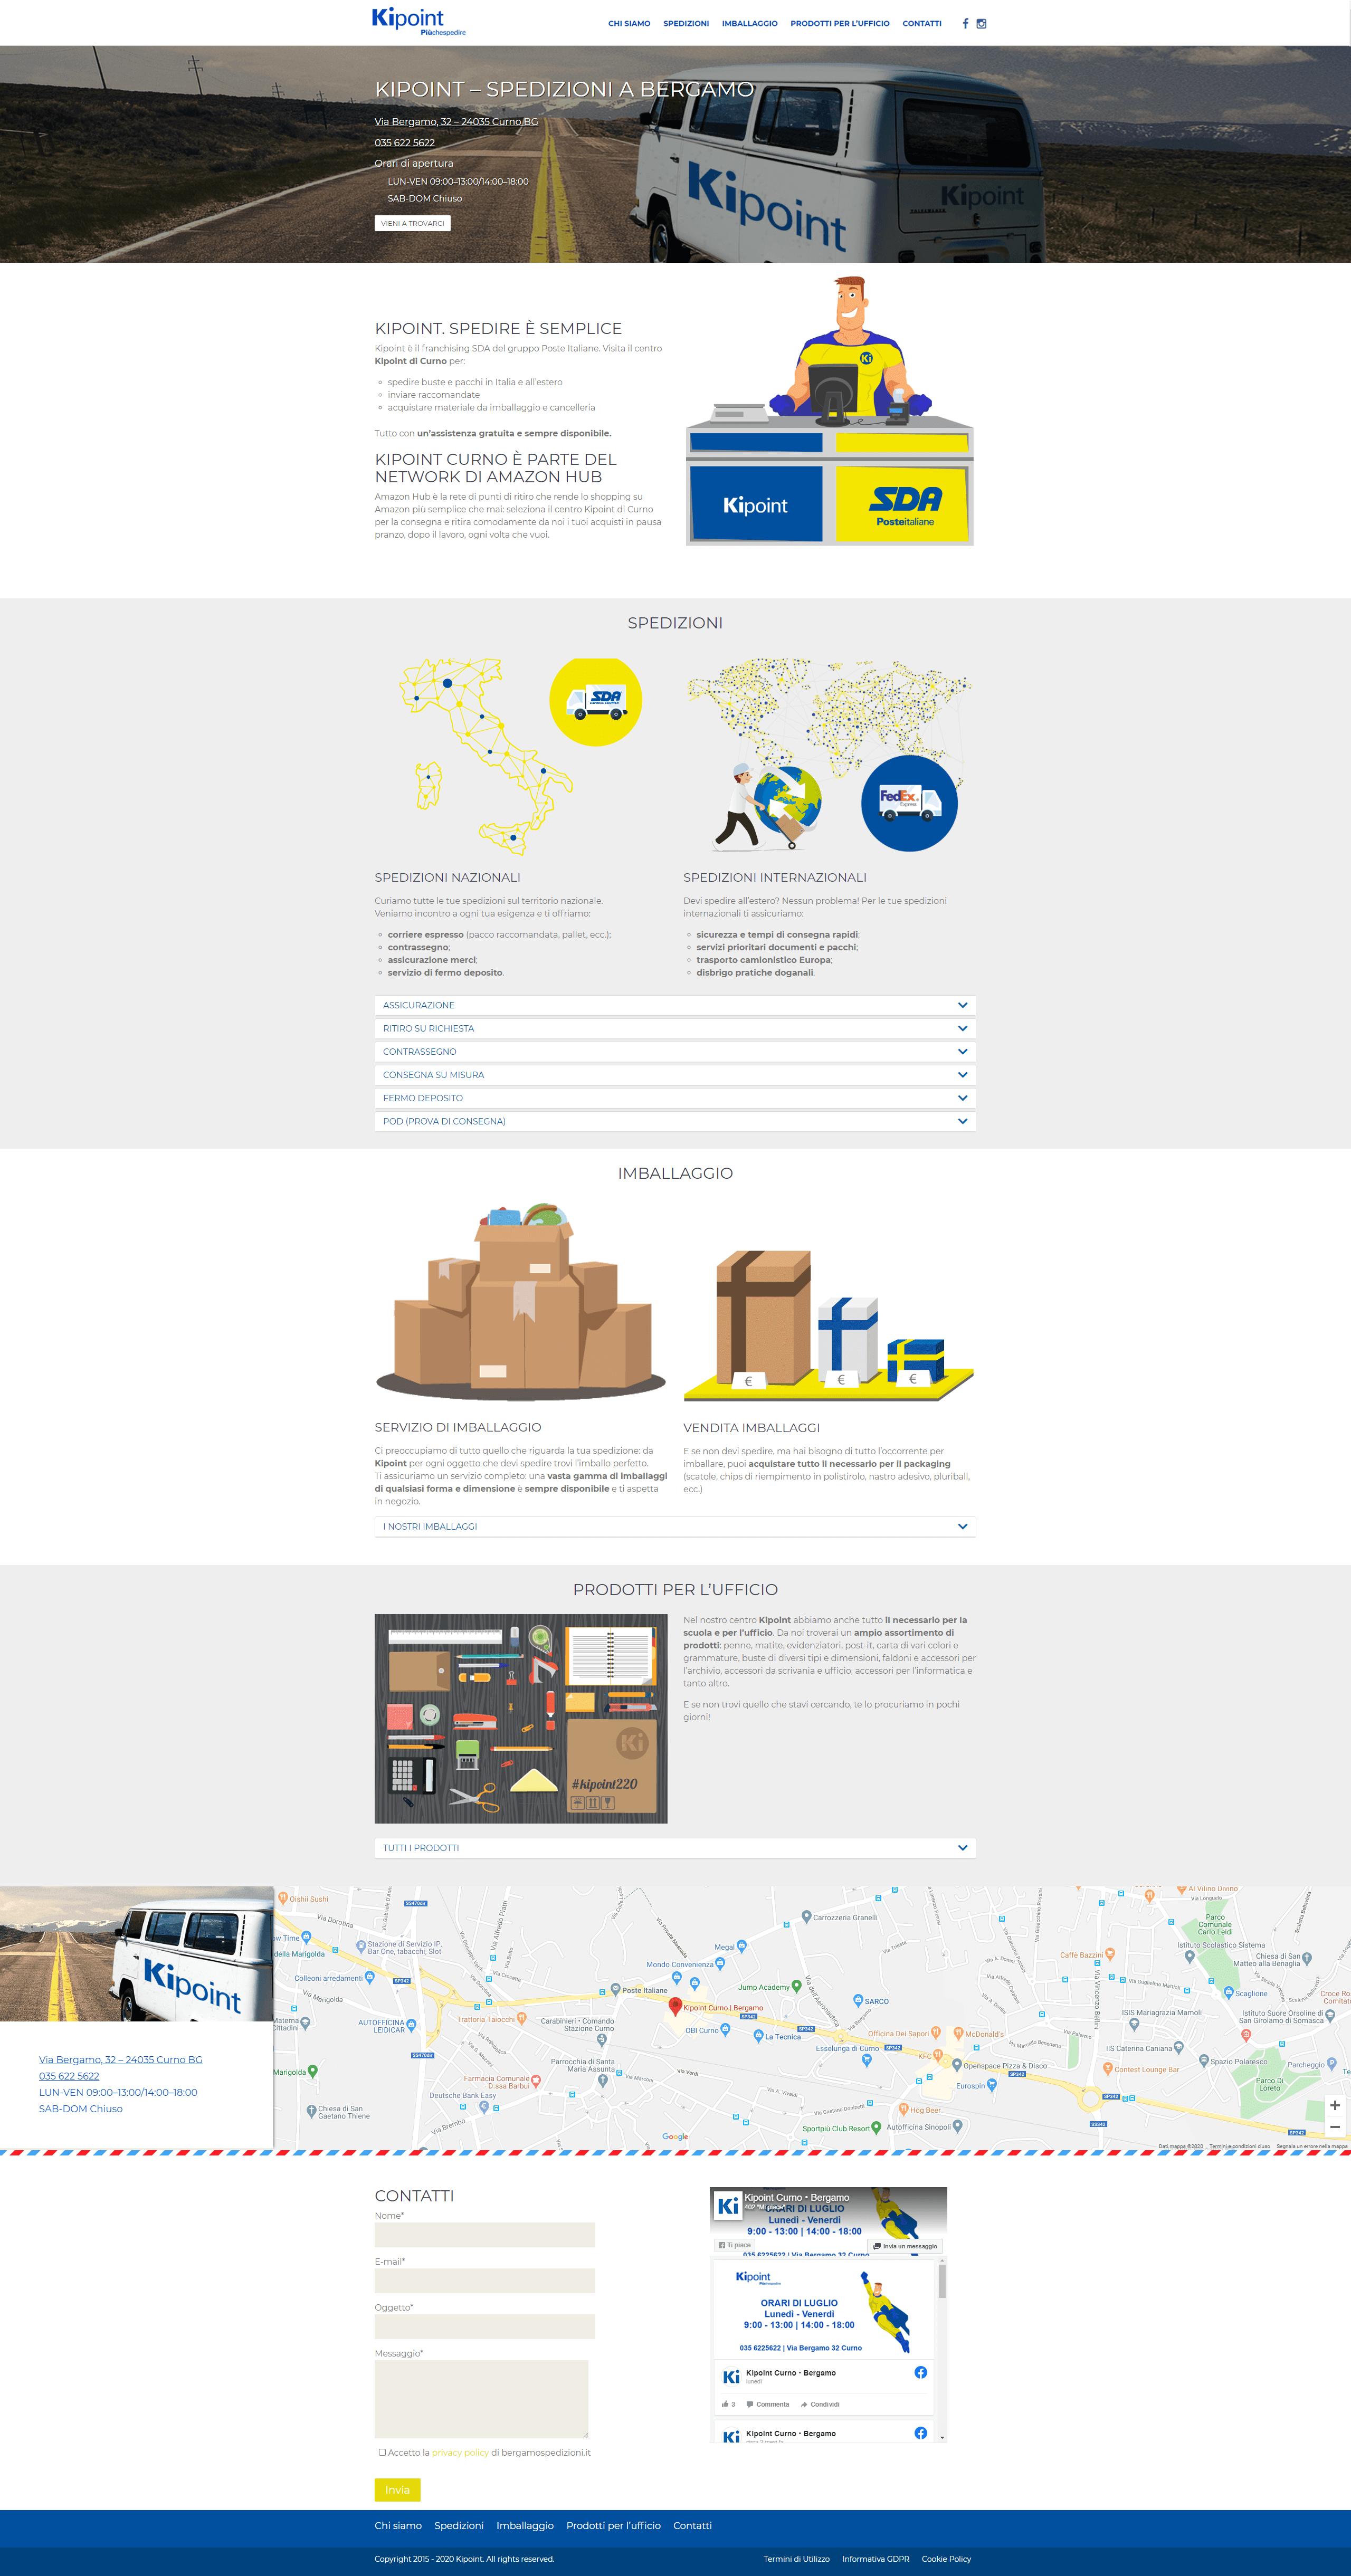 kipoint-img-sito-web